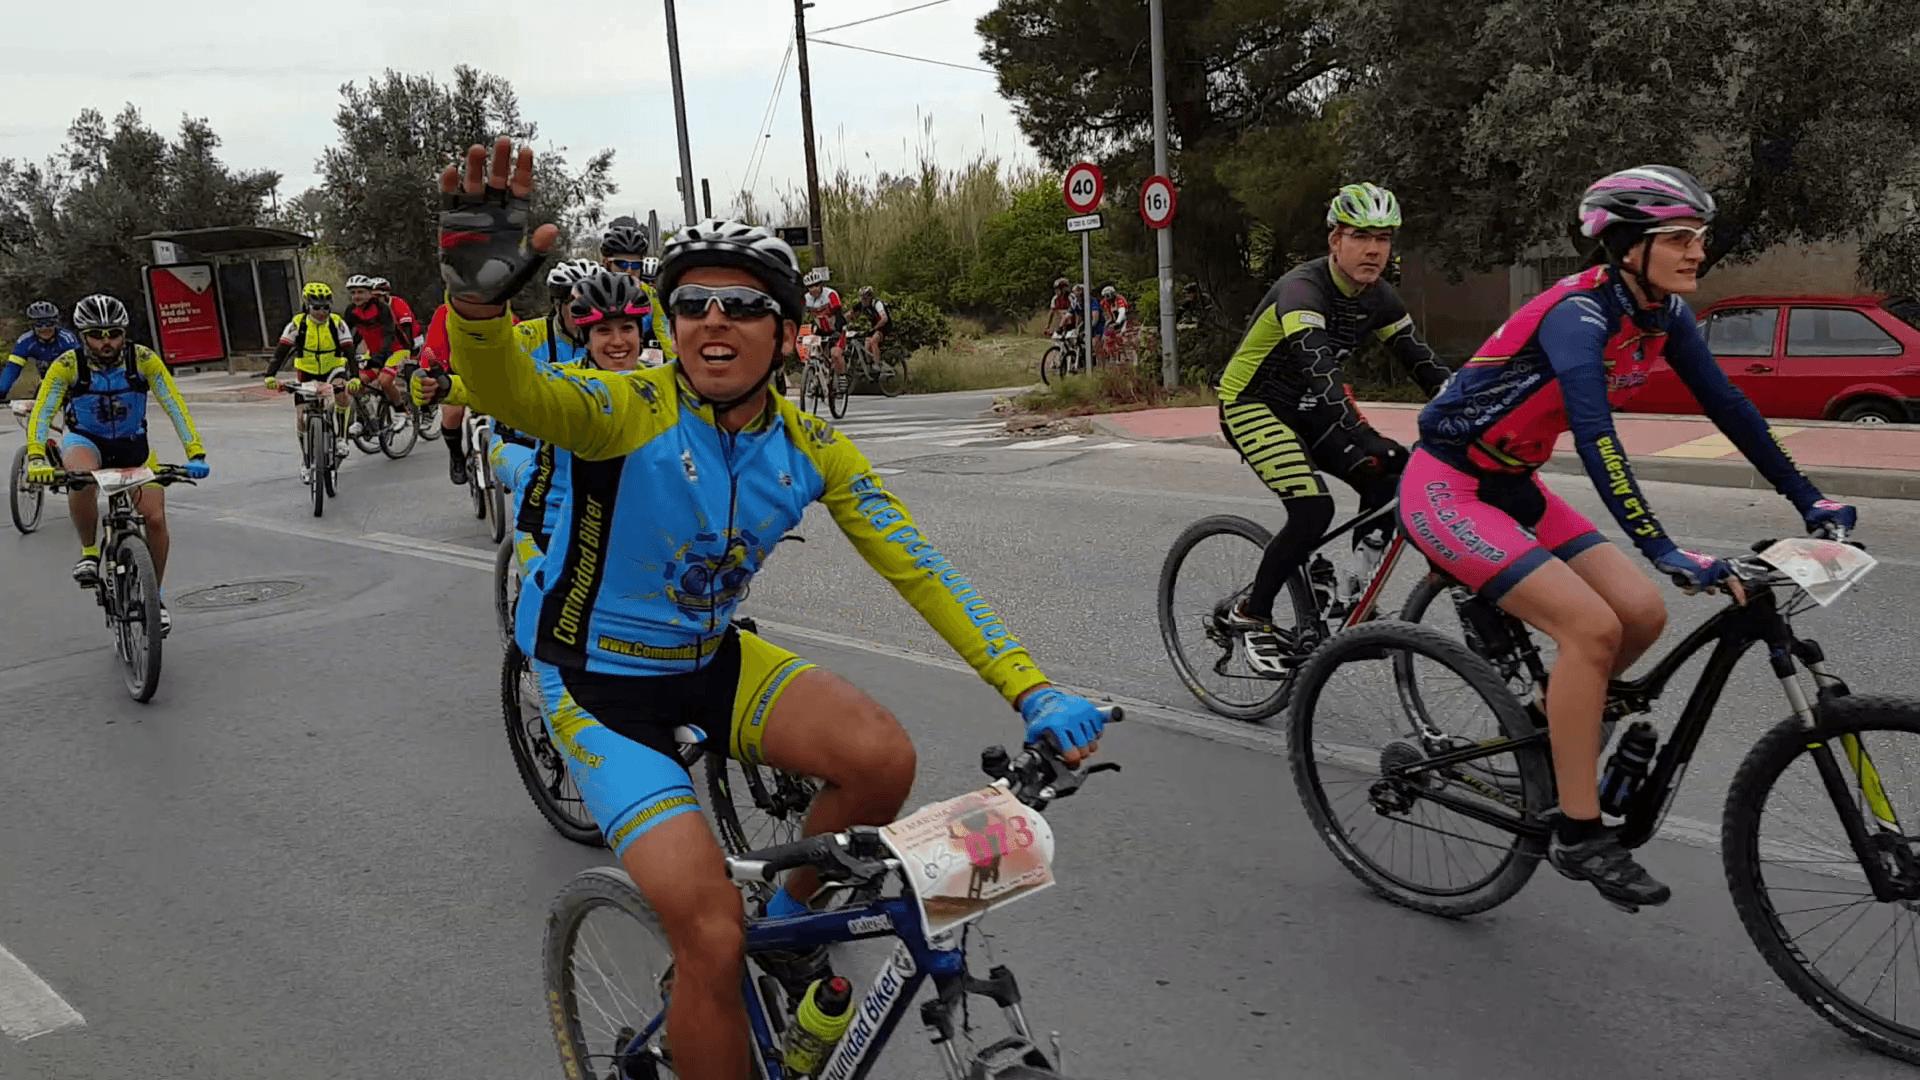 Crónica I Marcha Valverdes Bikers con las enfermedades raras por Paquito206